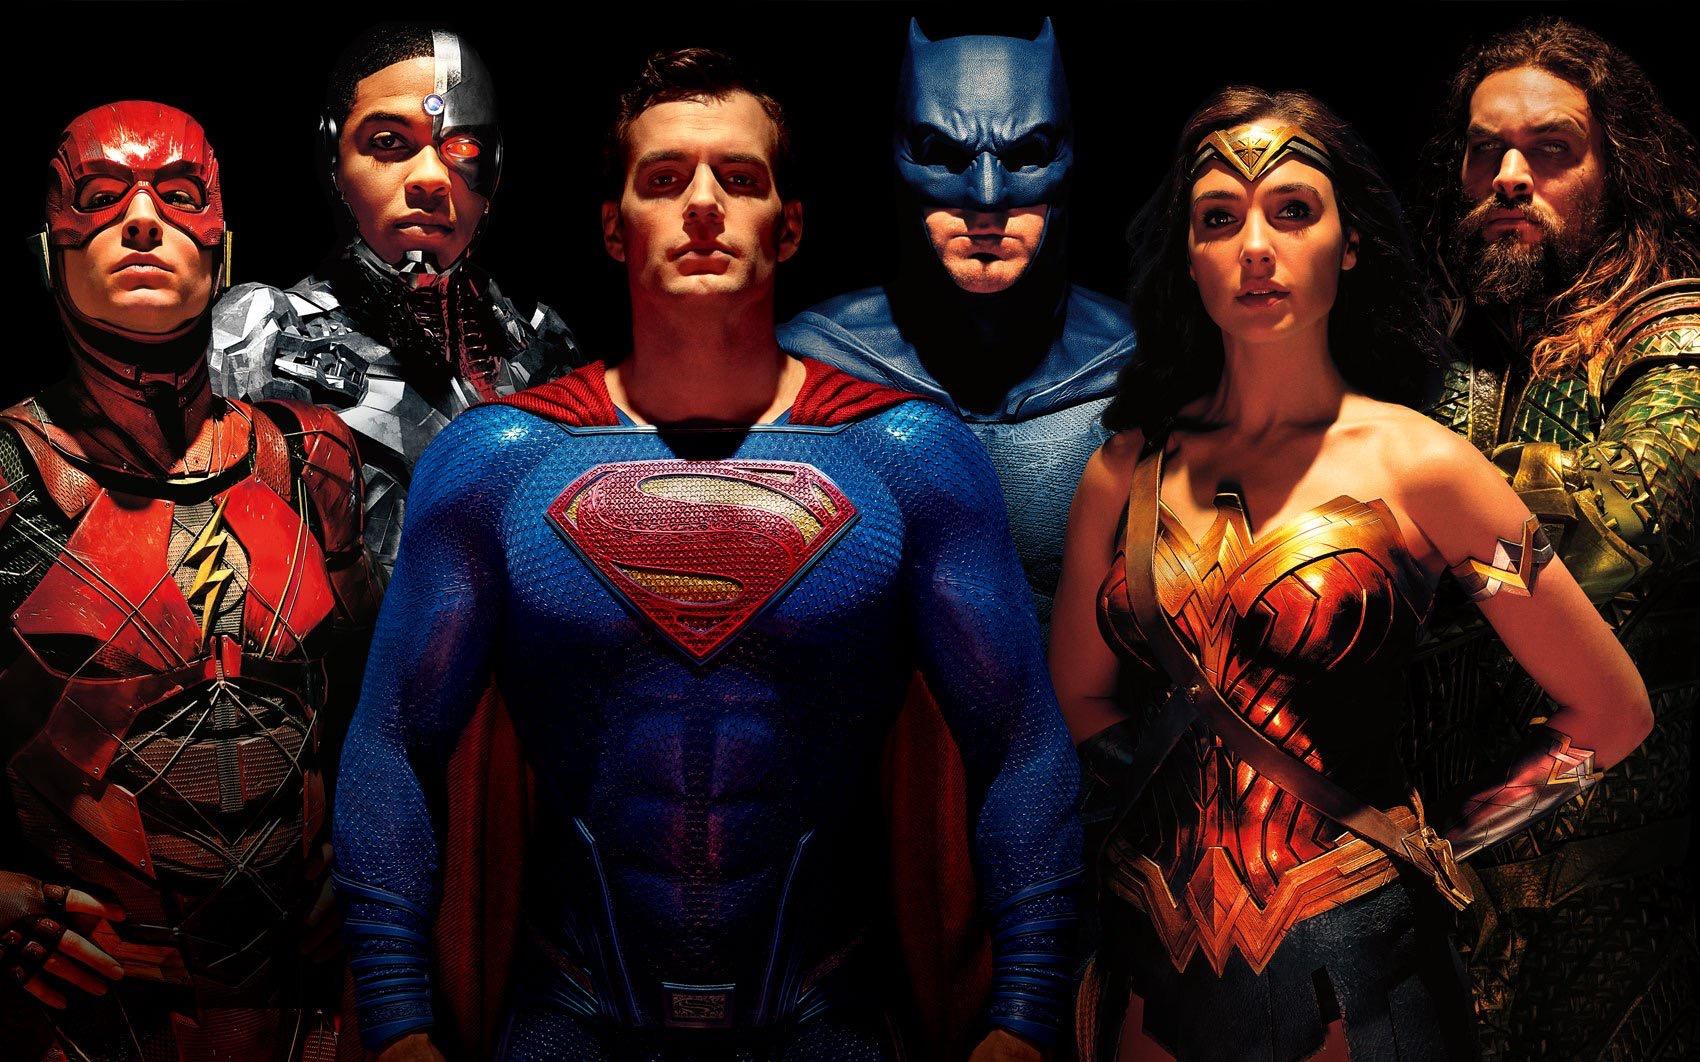 смотреть картинки с супер героями повреждениях патологиях